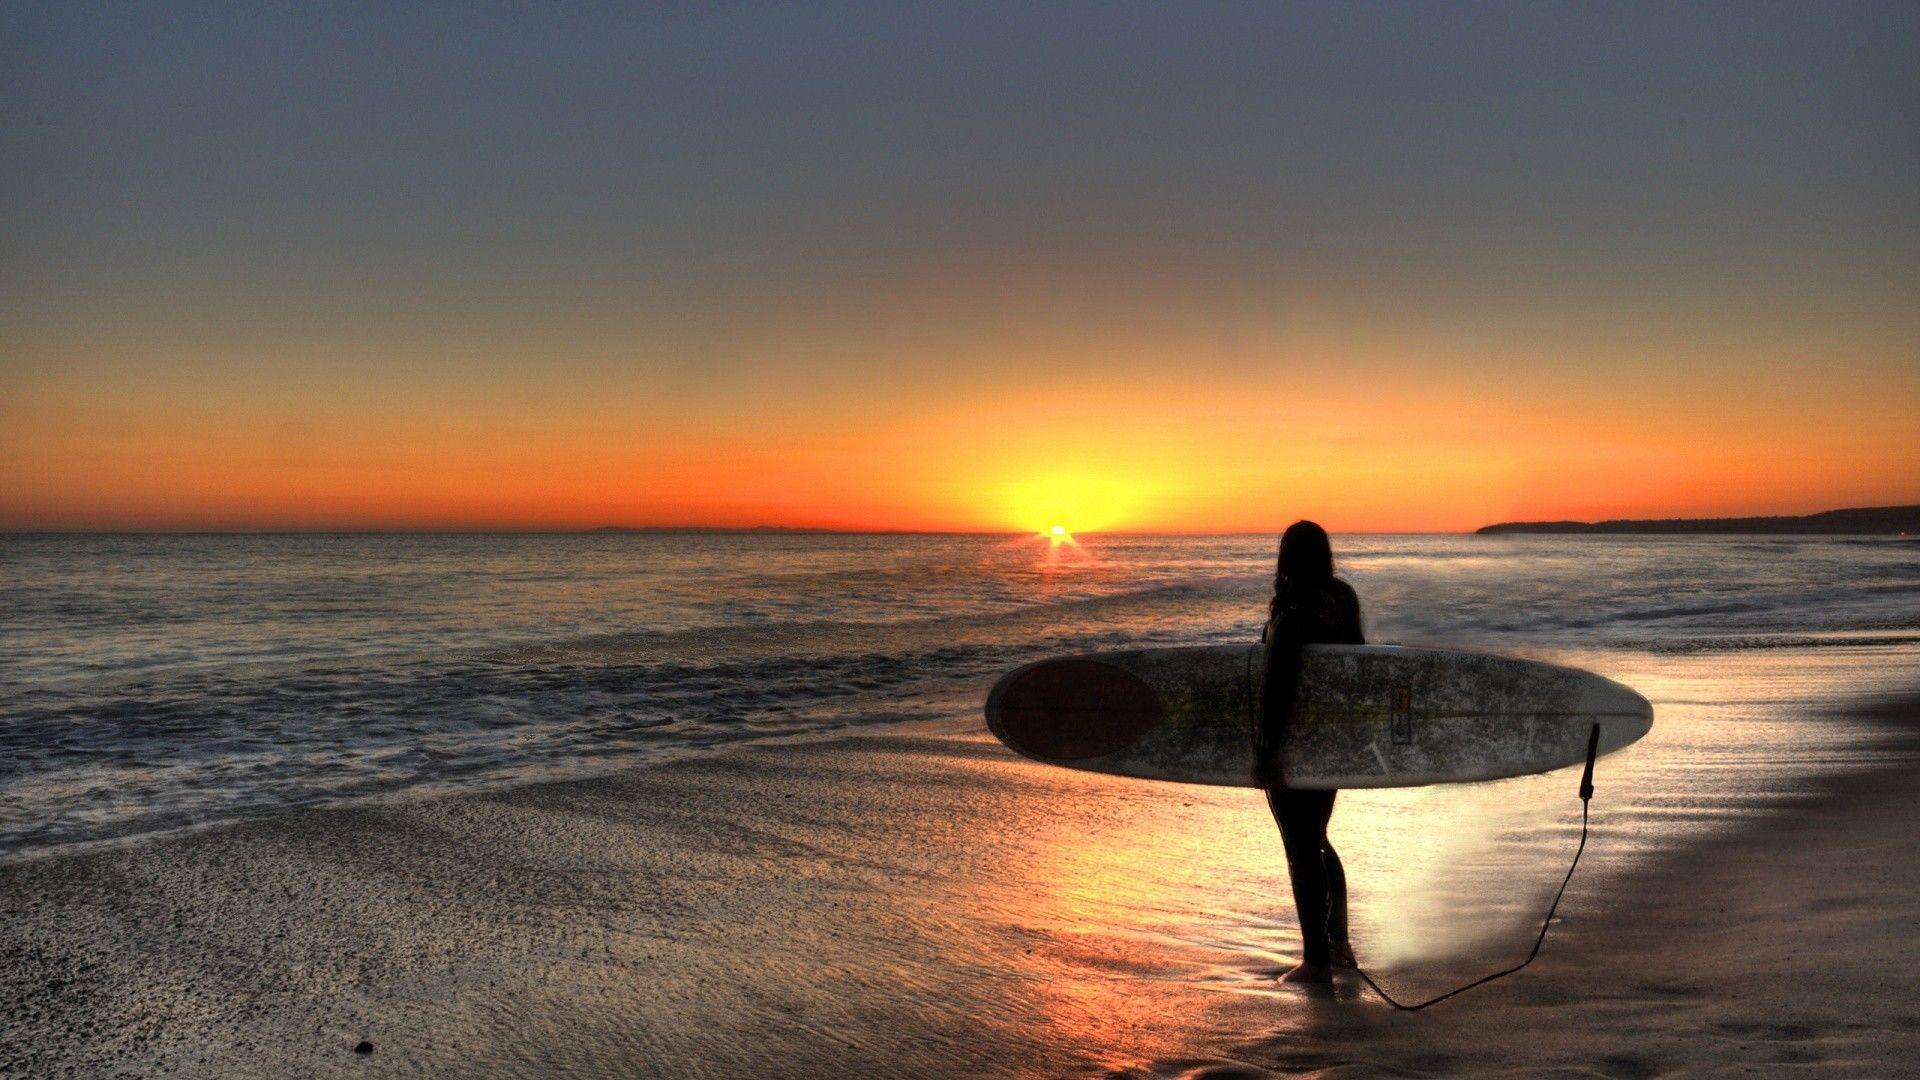 surf girl wallpaper for - photo #37